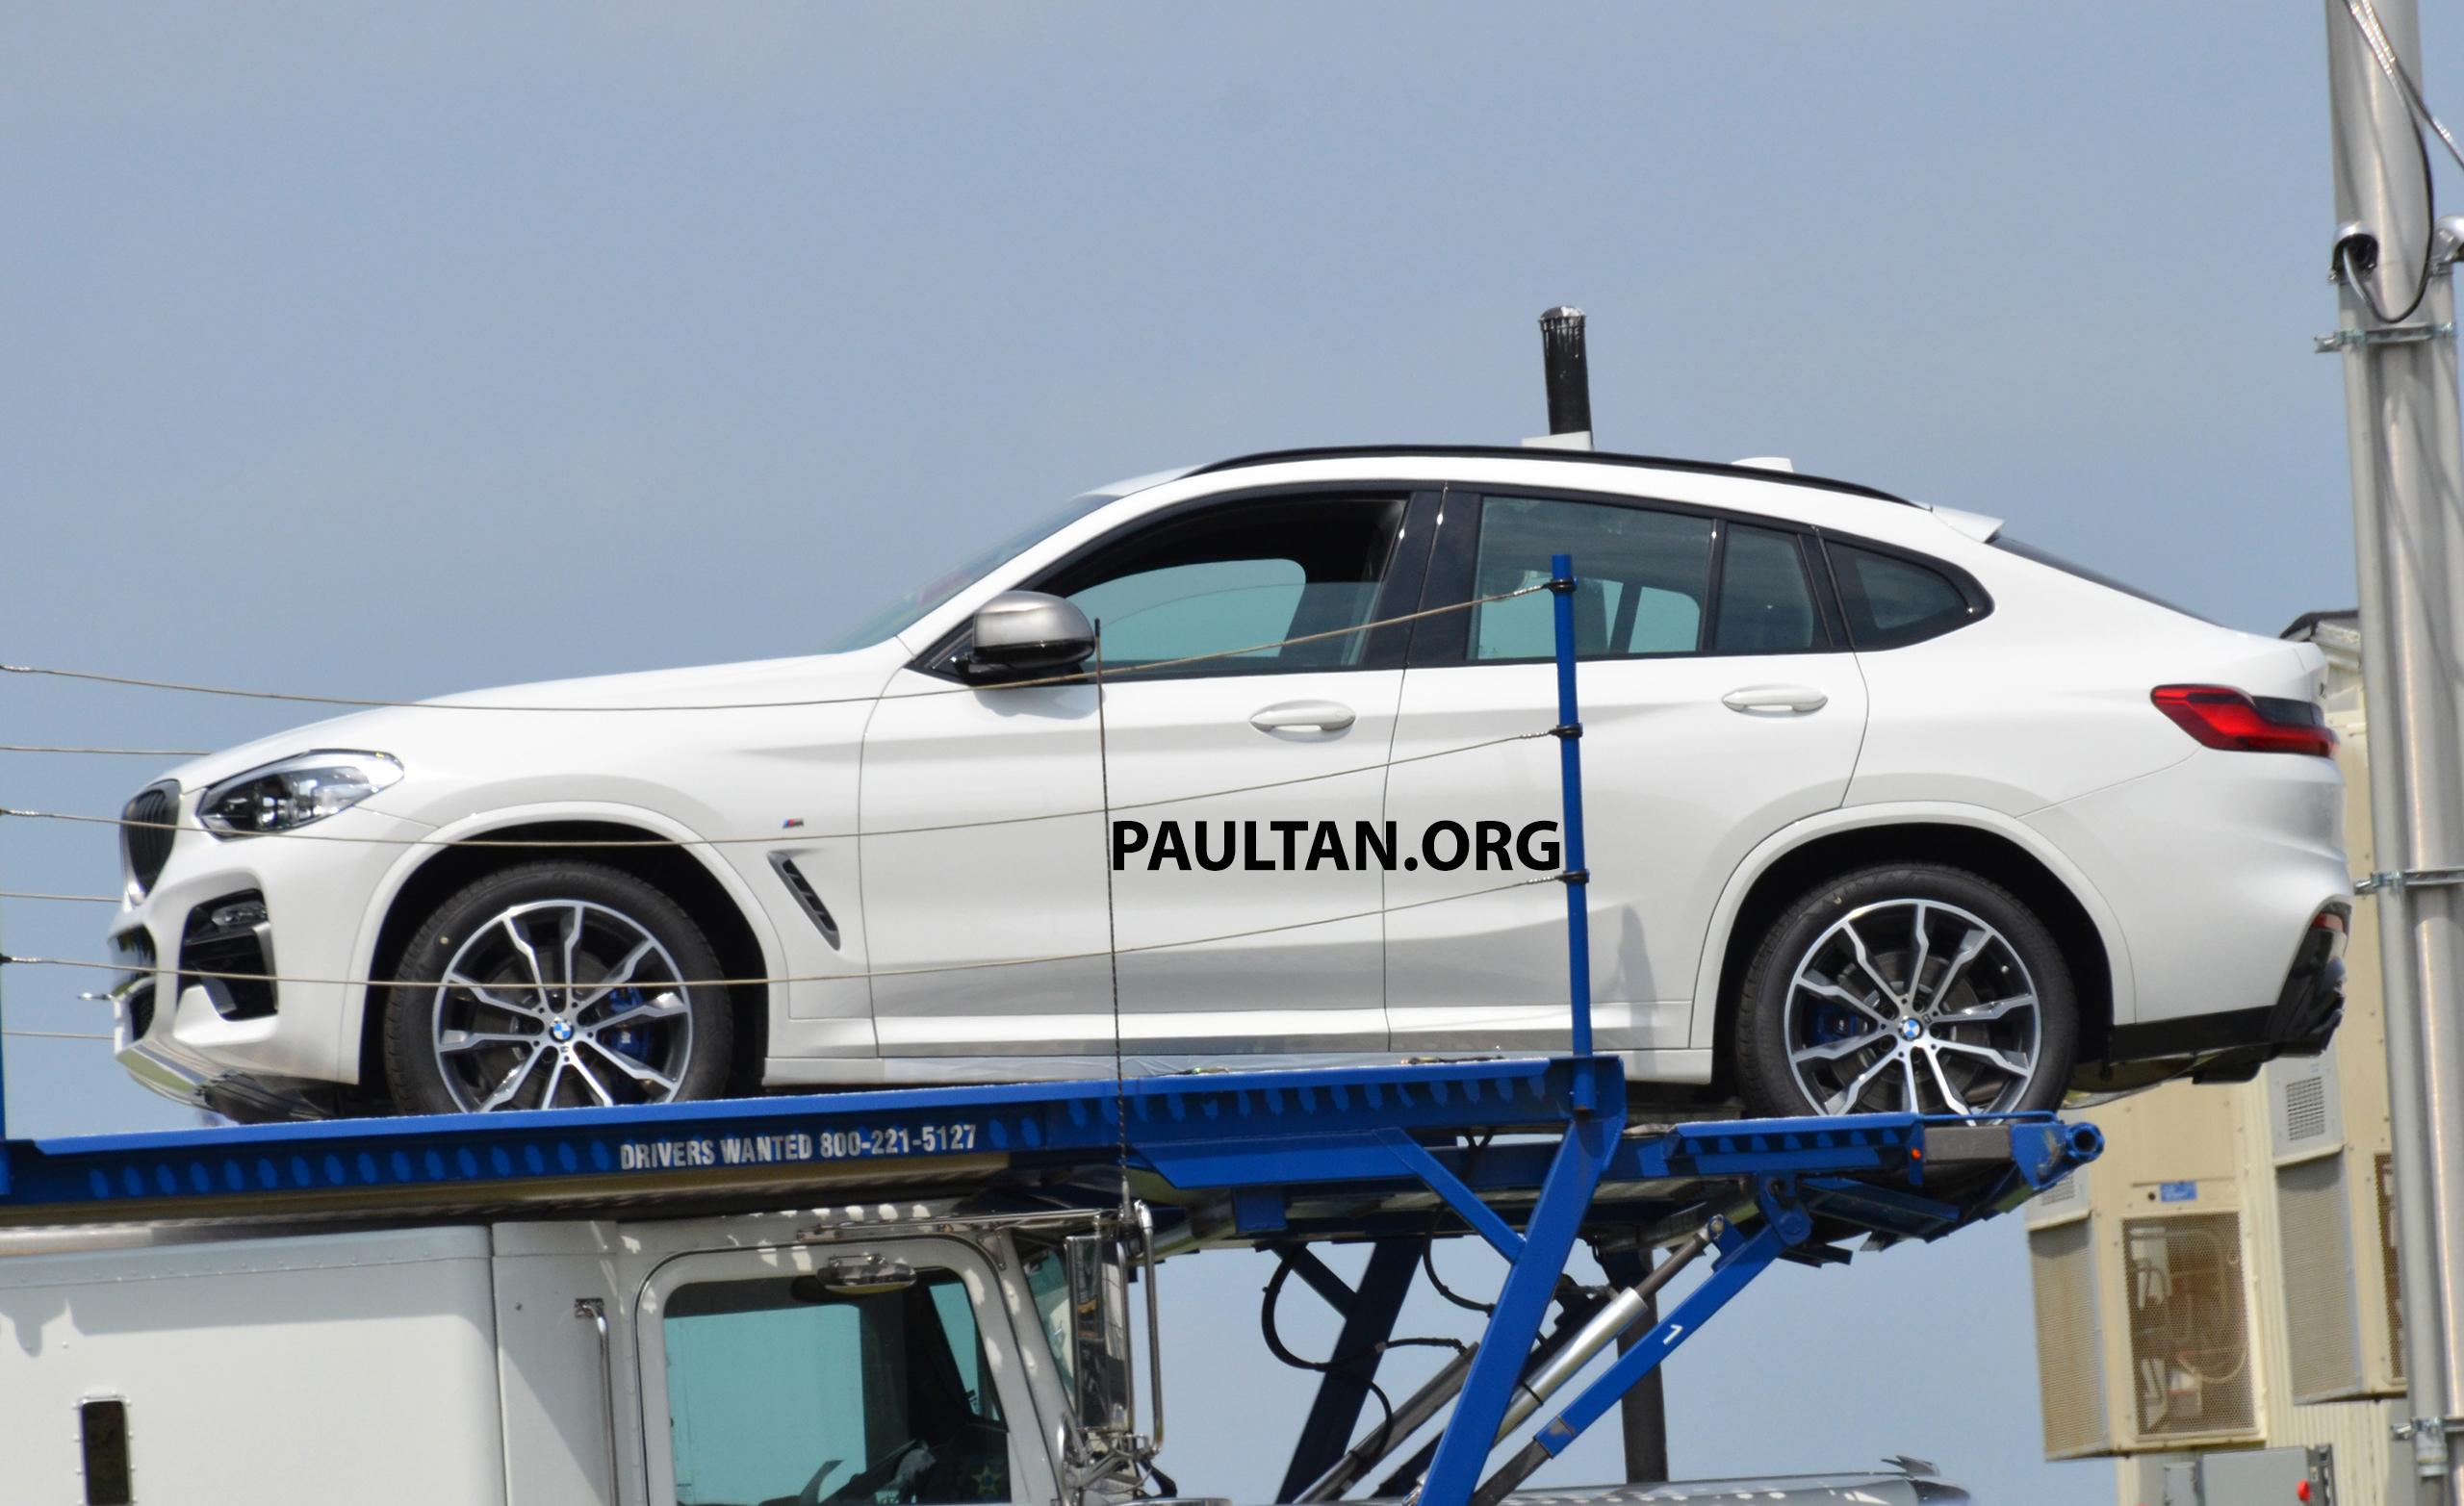 BMW-X4-No-Camo-Spyshots-03.jpg